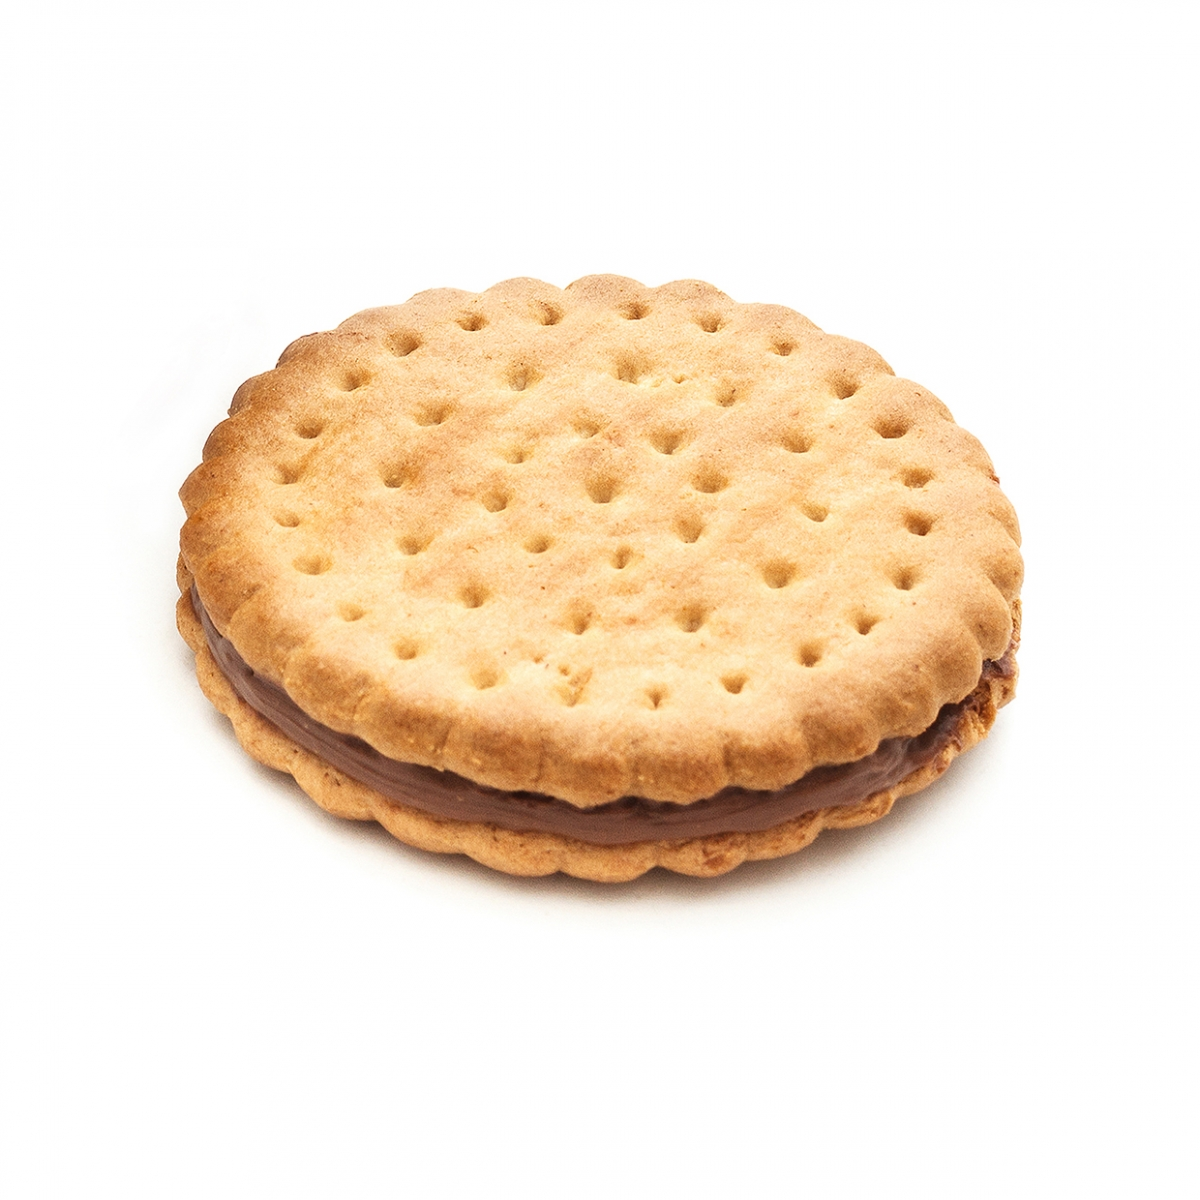 Imagen en la que se ve una galleta de chocolate